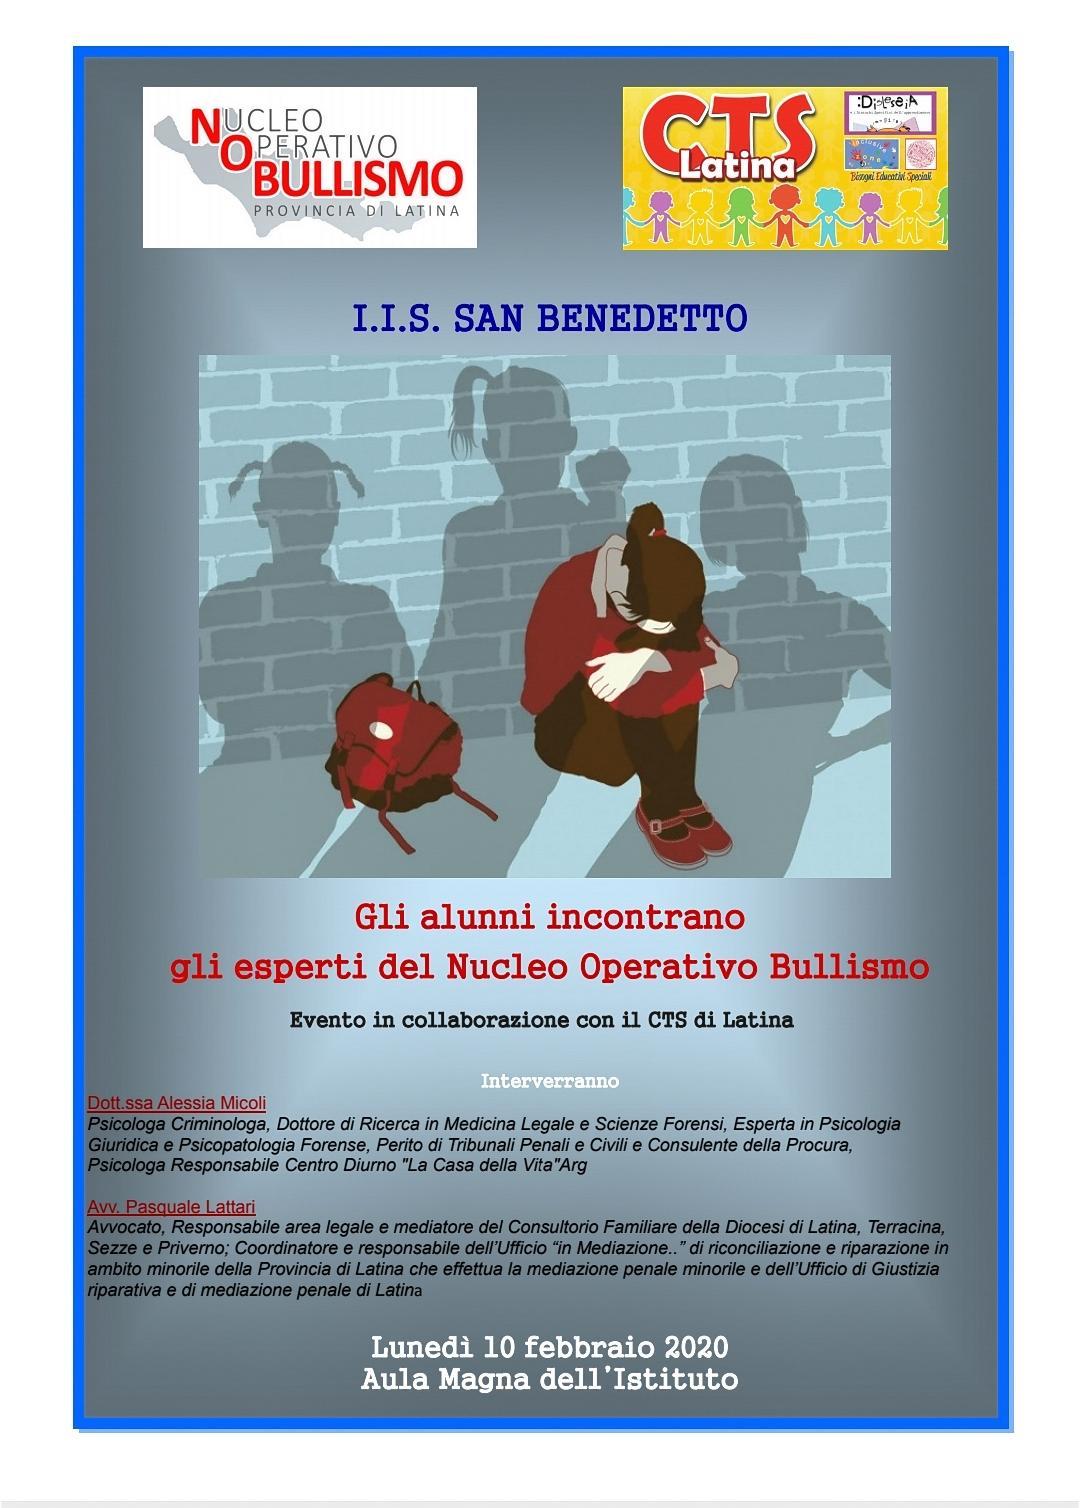 I. I. S. San Benedetto di Latina, 10 febbraio giornata di formazione e  prevenzione su temi di bullismo ecyberbullismo,